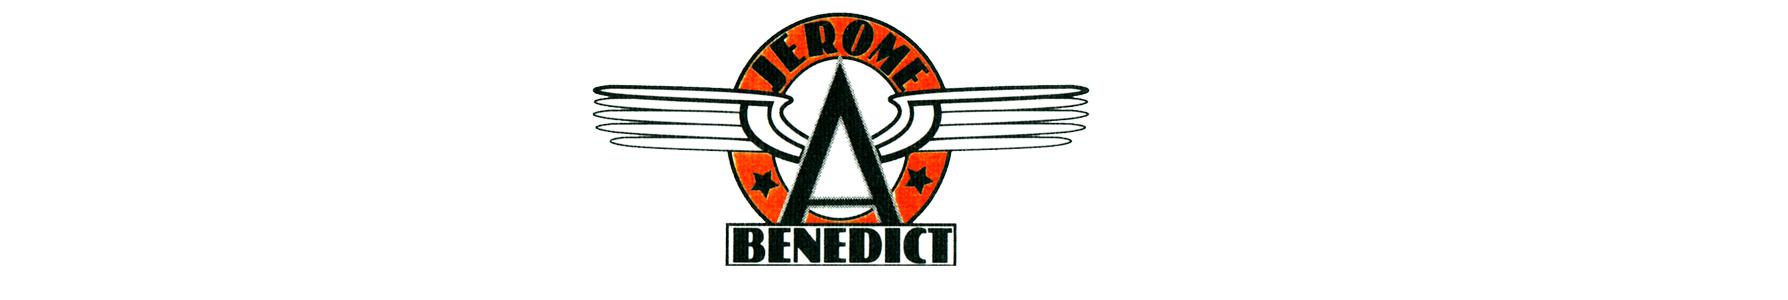 jeromebenedict.com